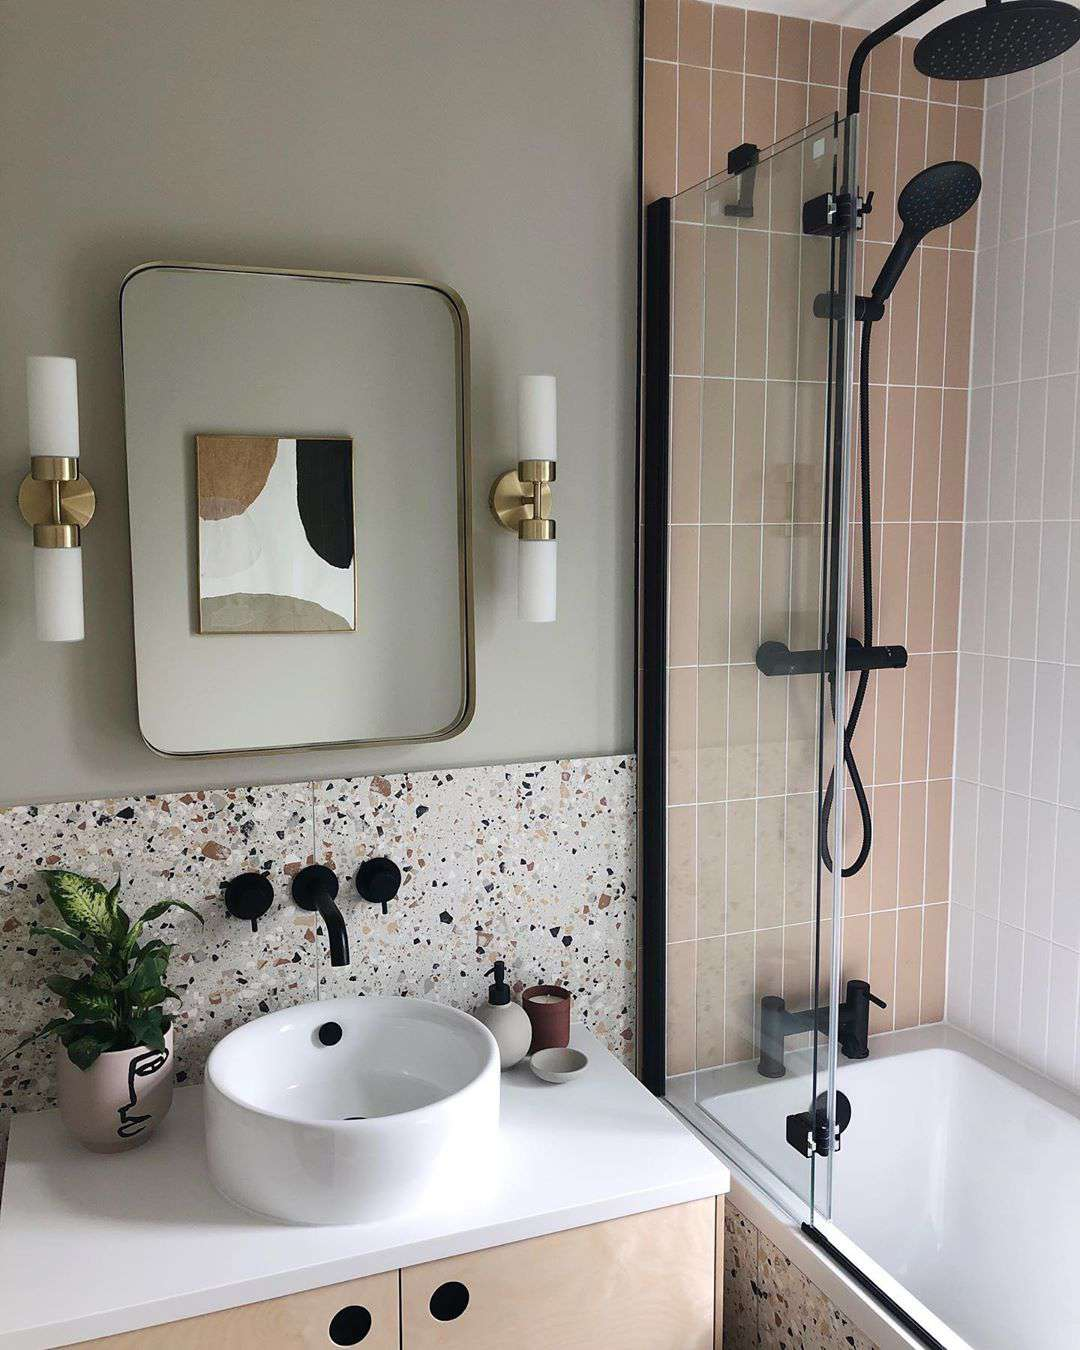 Bathroom with terrazzo tile